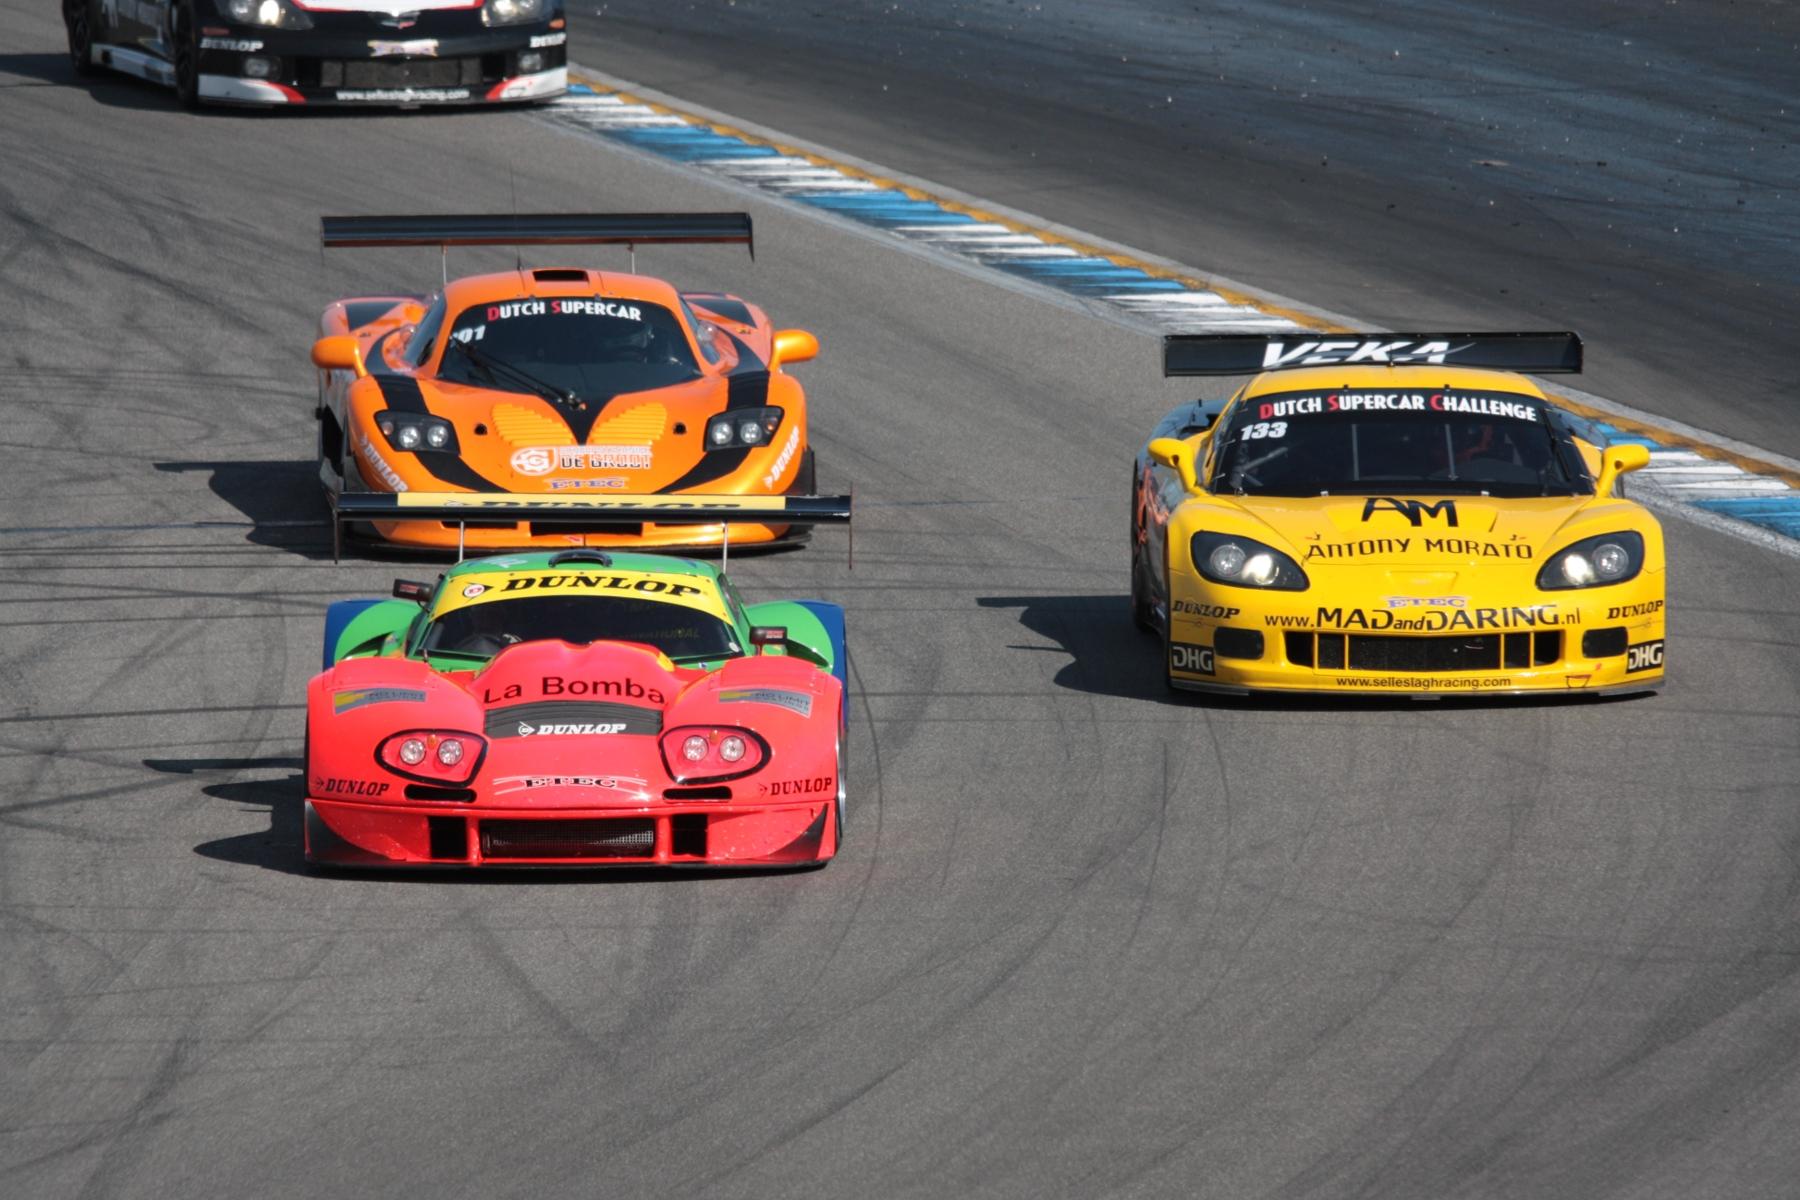 Marcos Mantis Race Car For Sale